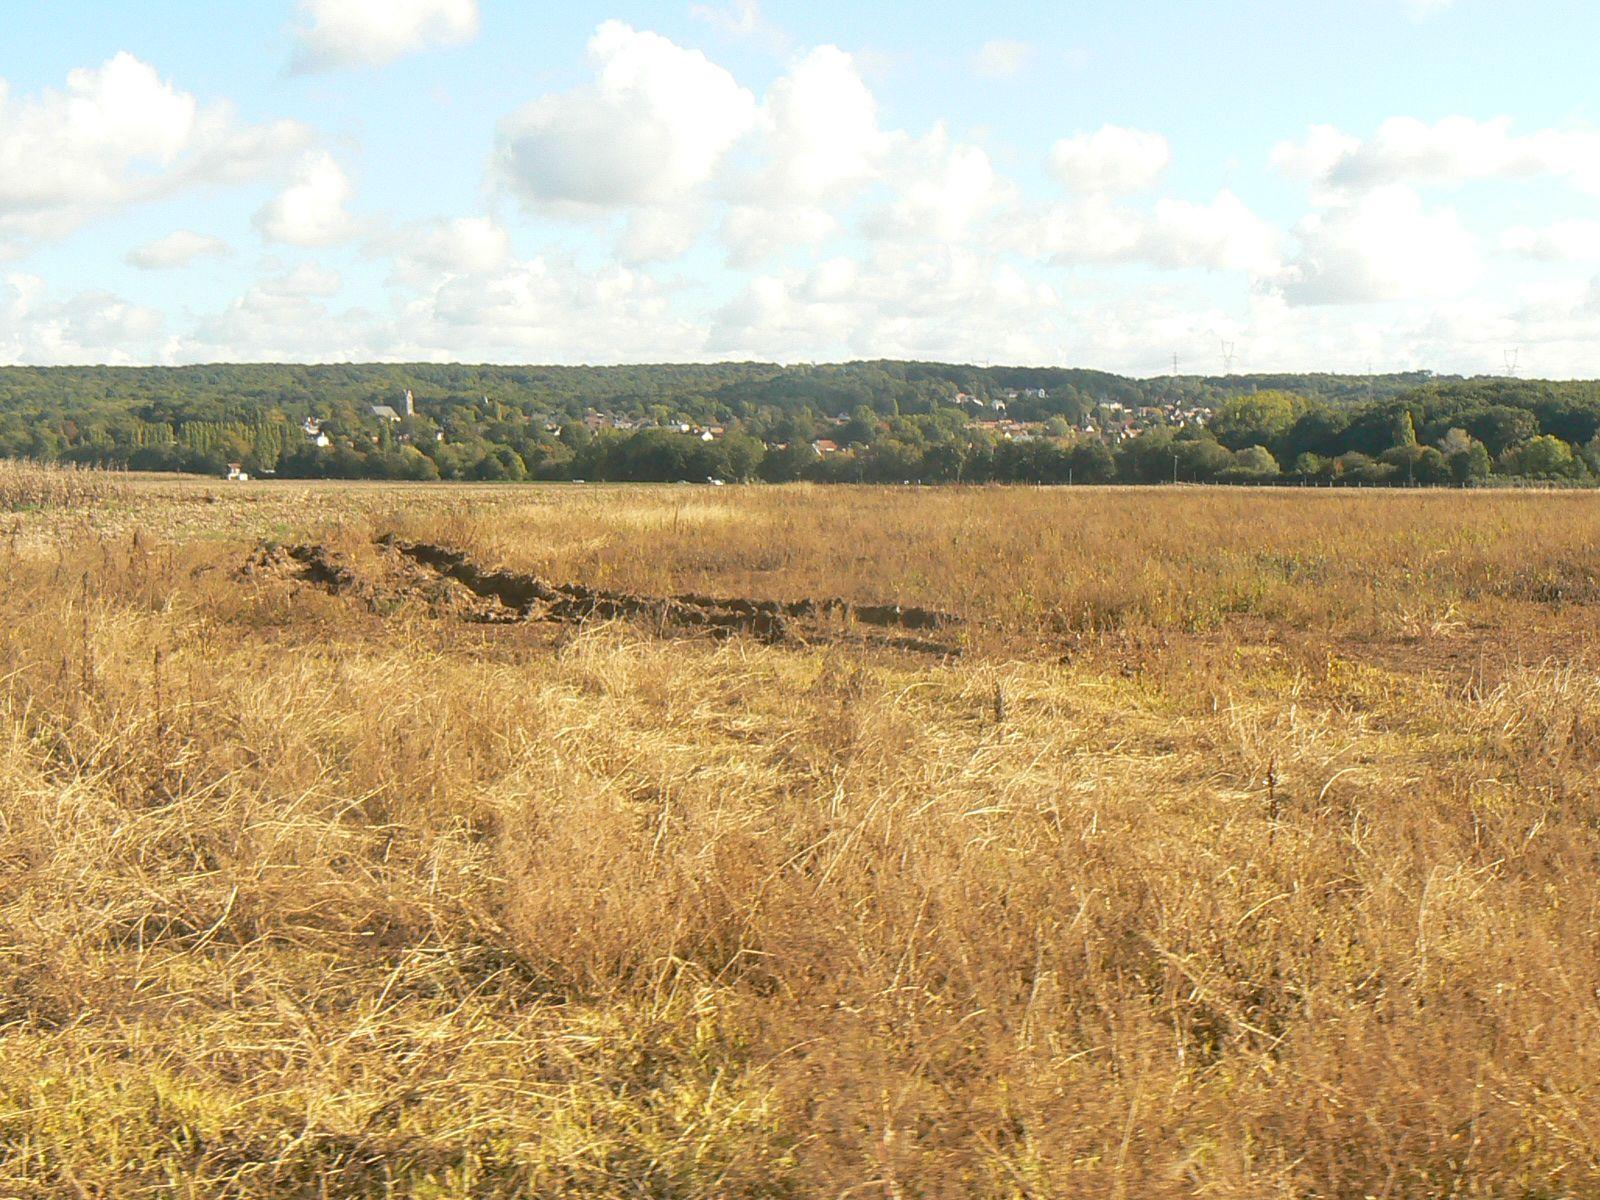 D'Angervilliers à Briis sous Forges (91): samedi 10 octobre